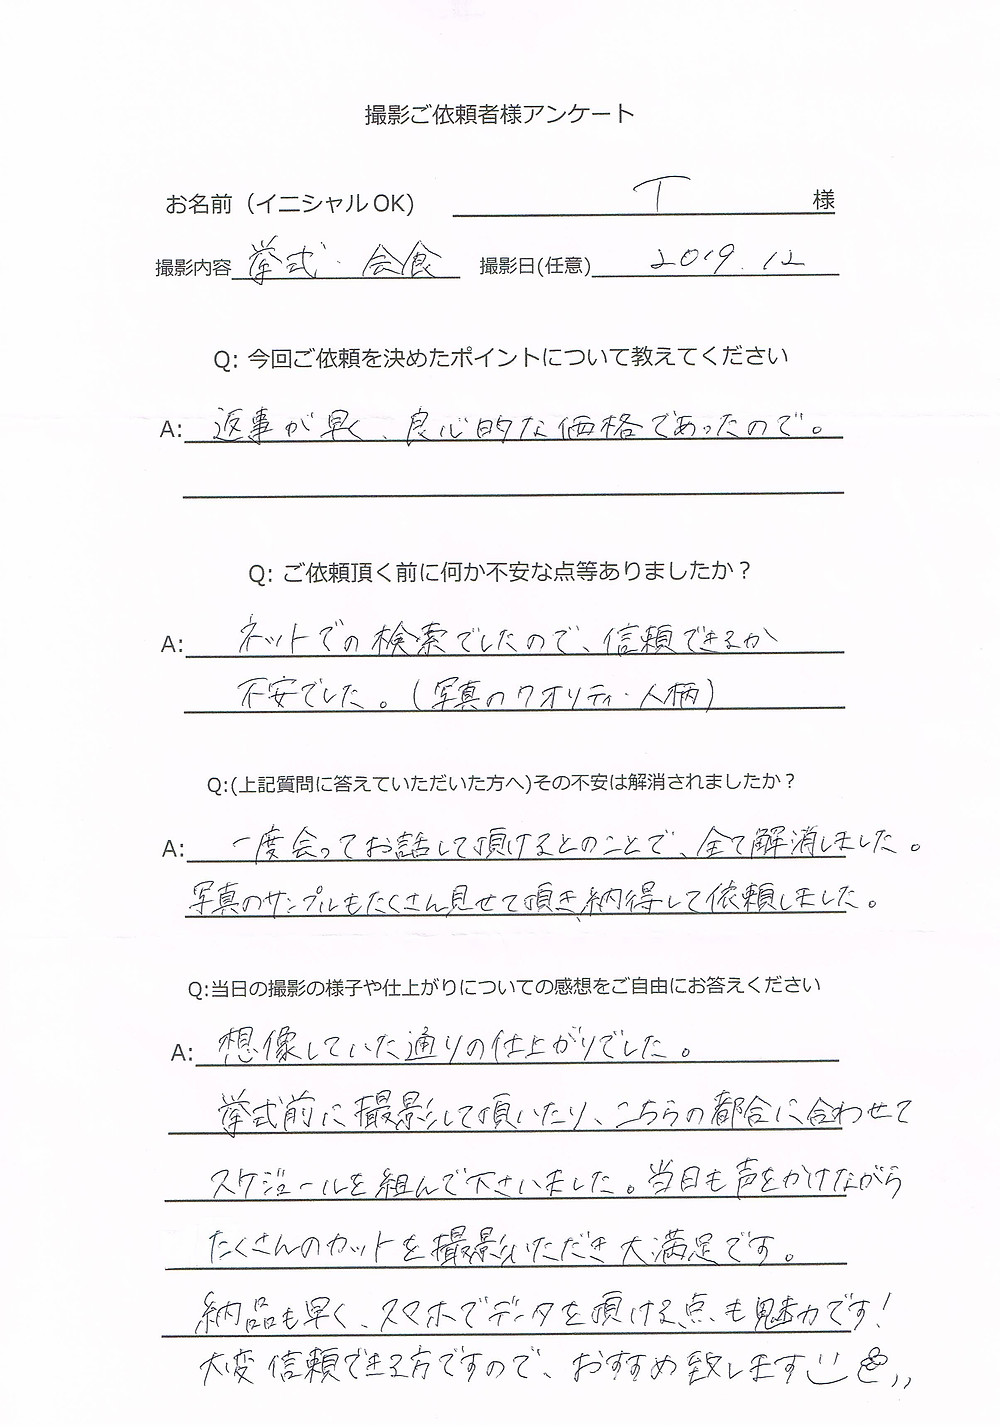 結婚式持ち込みカメラマン|大阪より日本全国出張シアワセフォトグラファー景山幸一